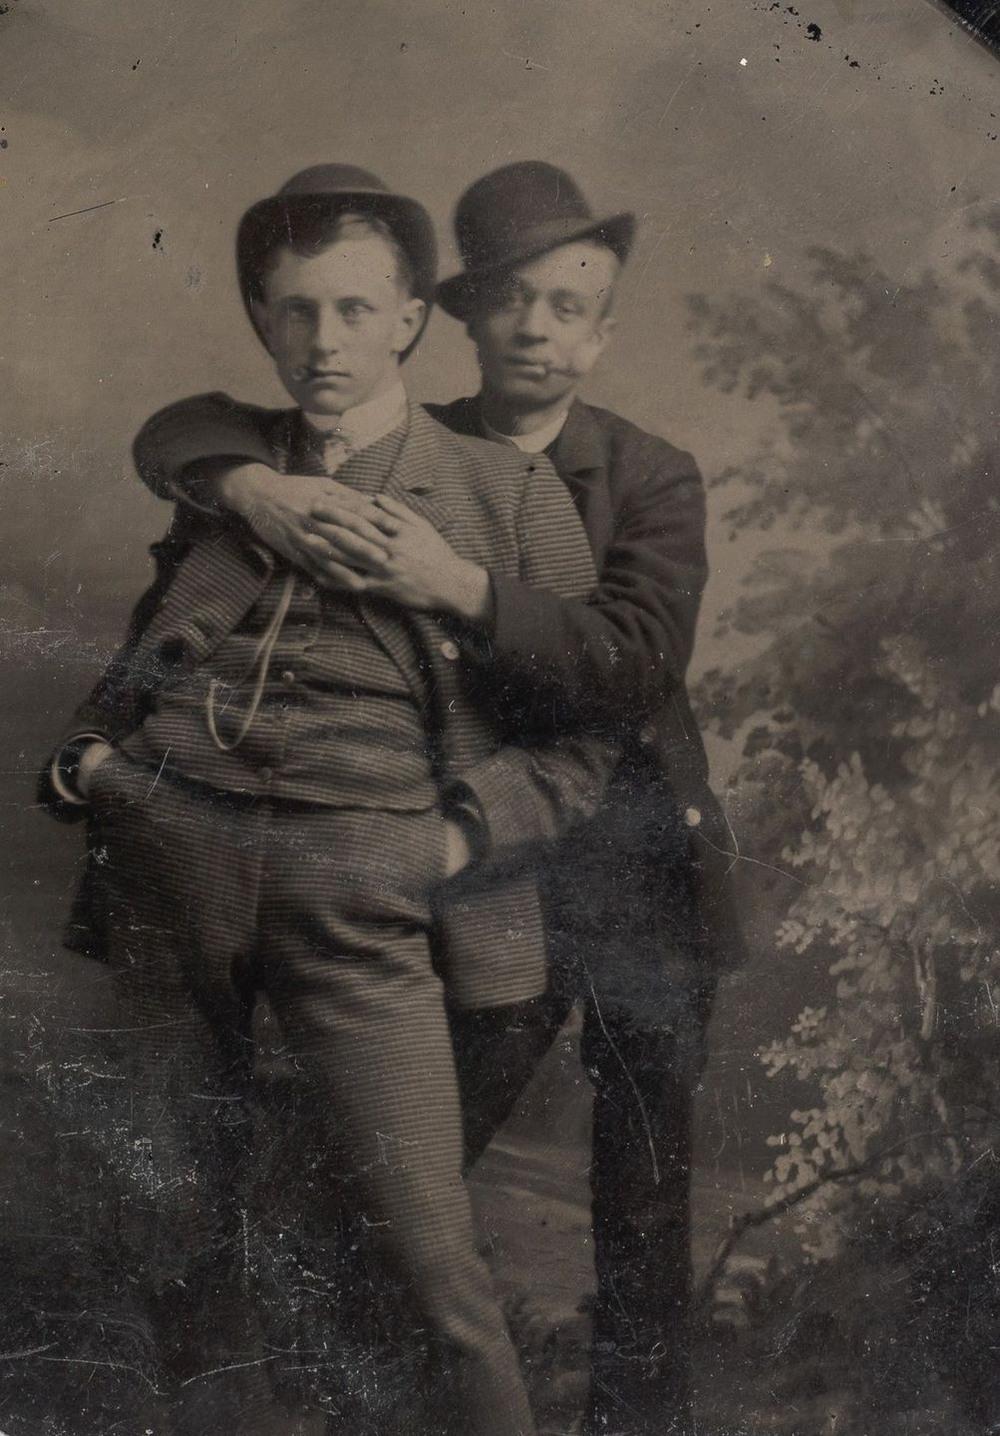 Броманс в викторианскую эпоху: интимные мужские объятия в редких фотографиях конца 1800-х годов  10